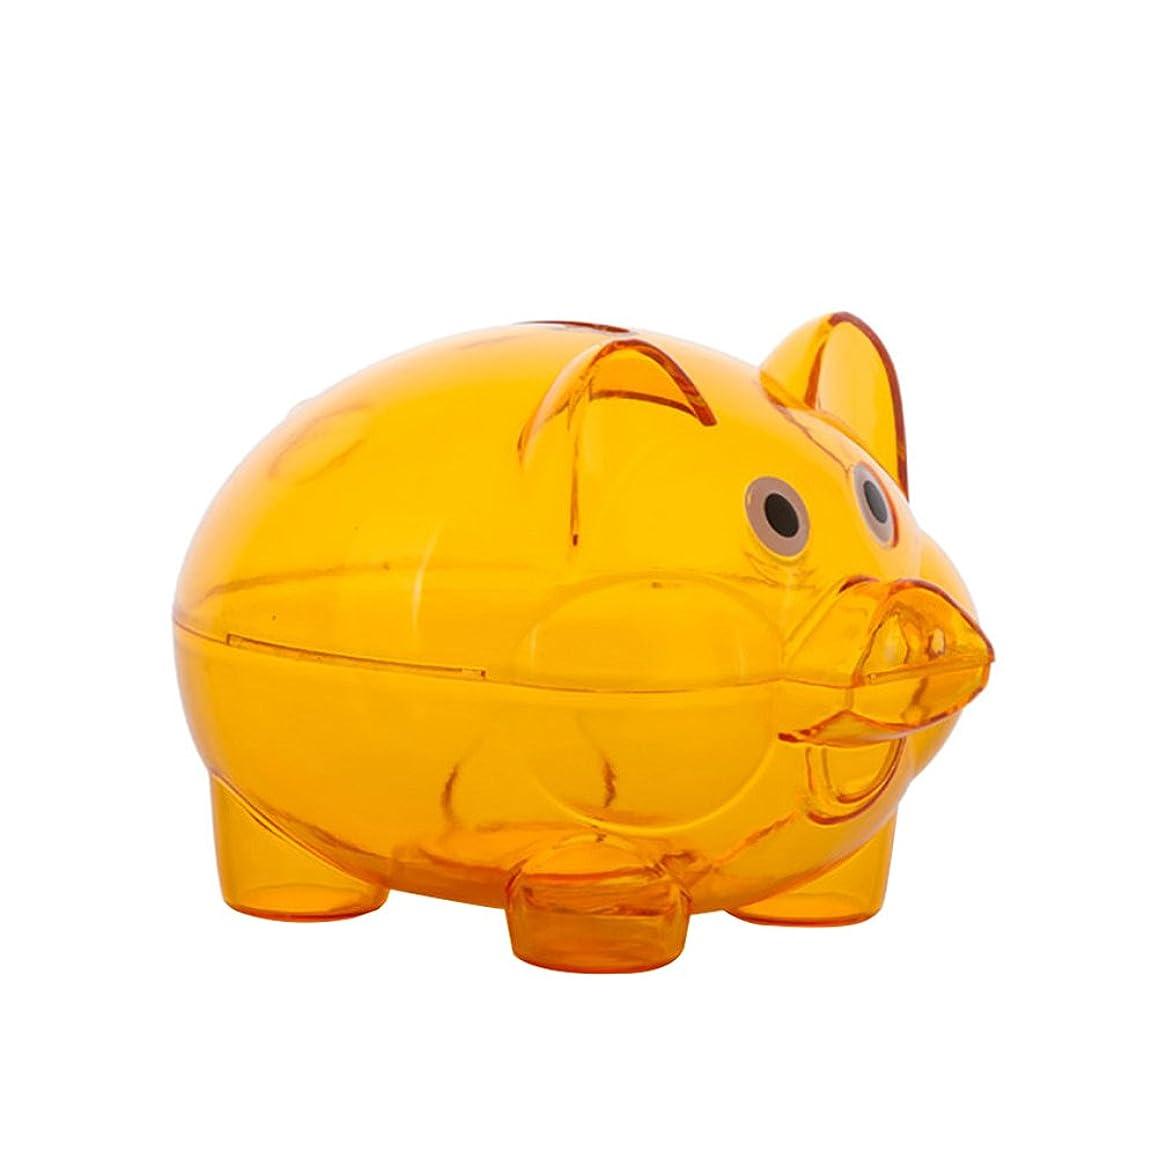 プランター申請中捕虜TrentonクリアプラスチックLovely Piggy Coin Cash Money Saving Bank、ボンネット、子供ギフト One size オレンジ D7E60613844GY